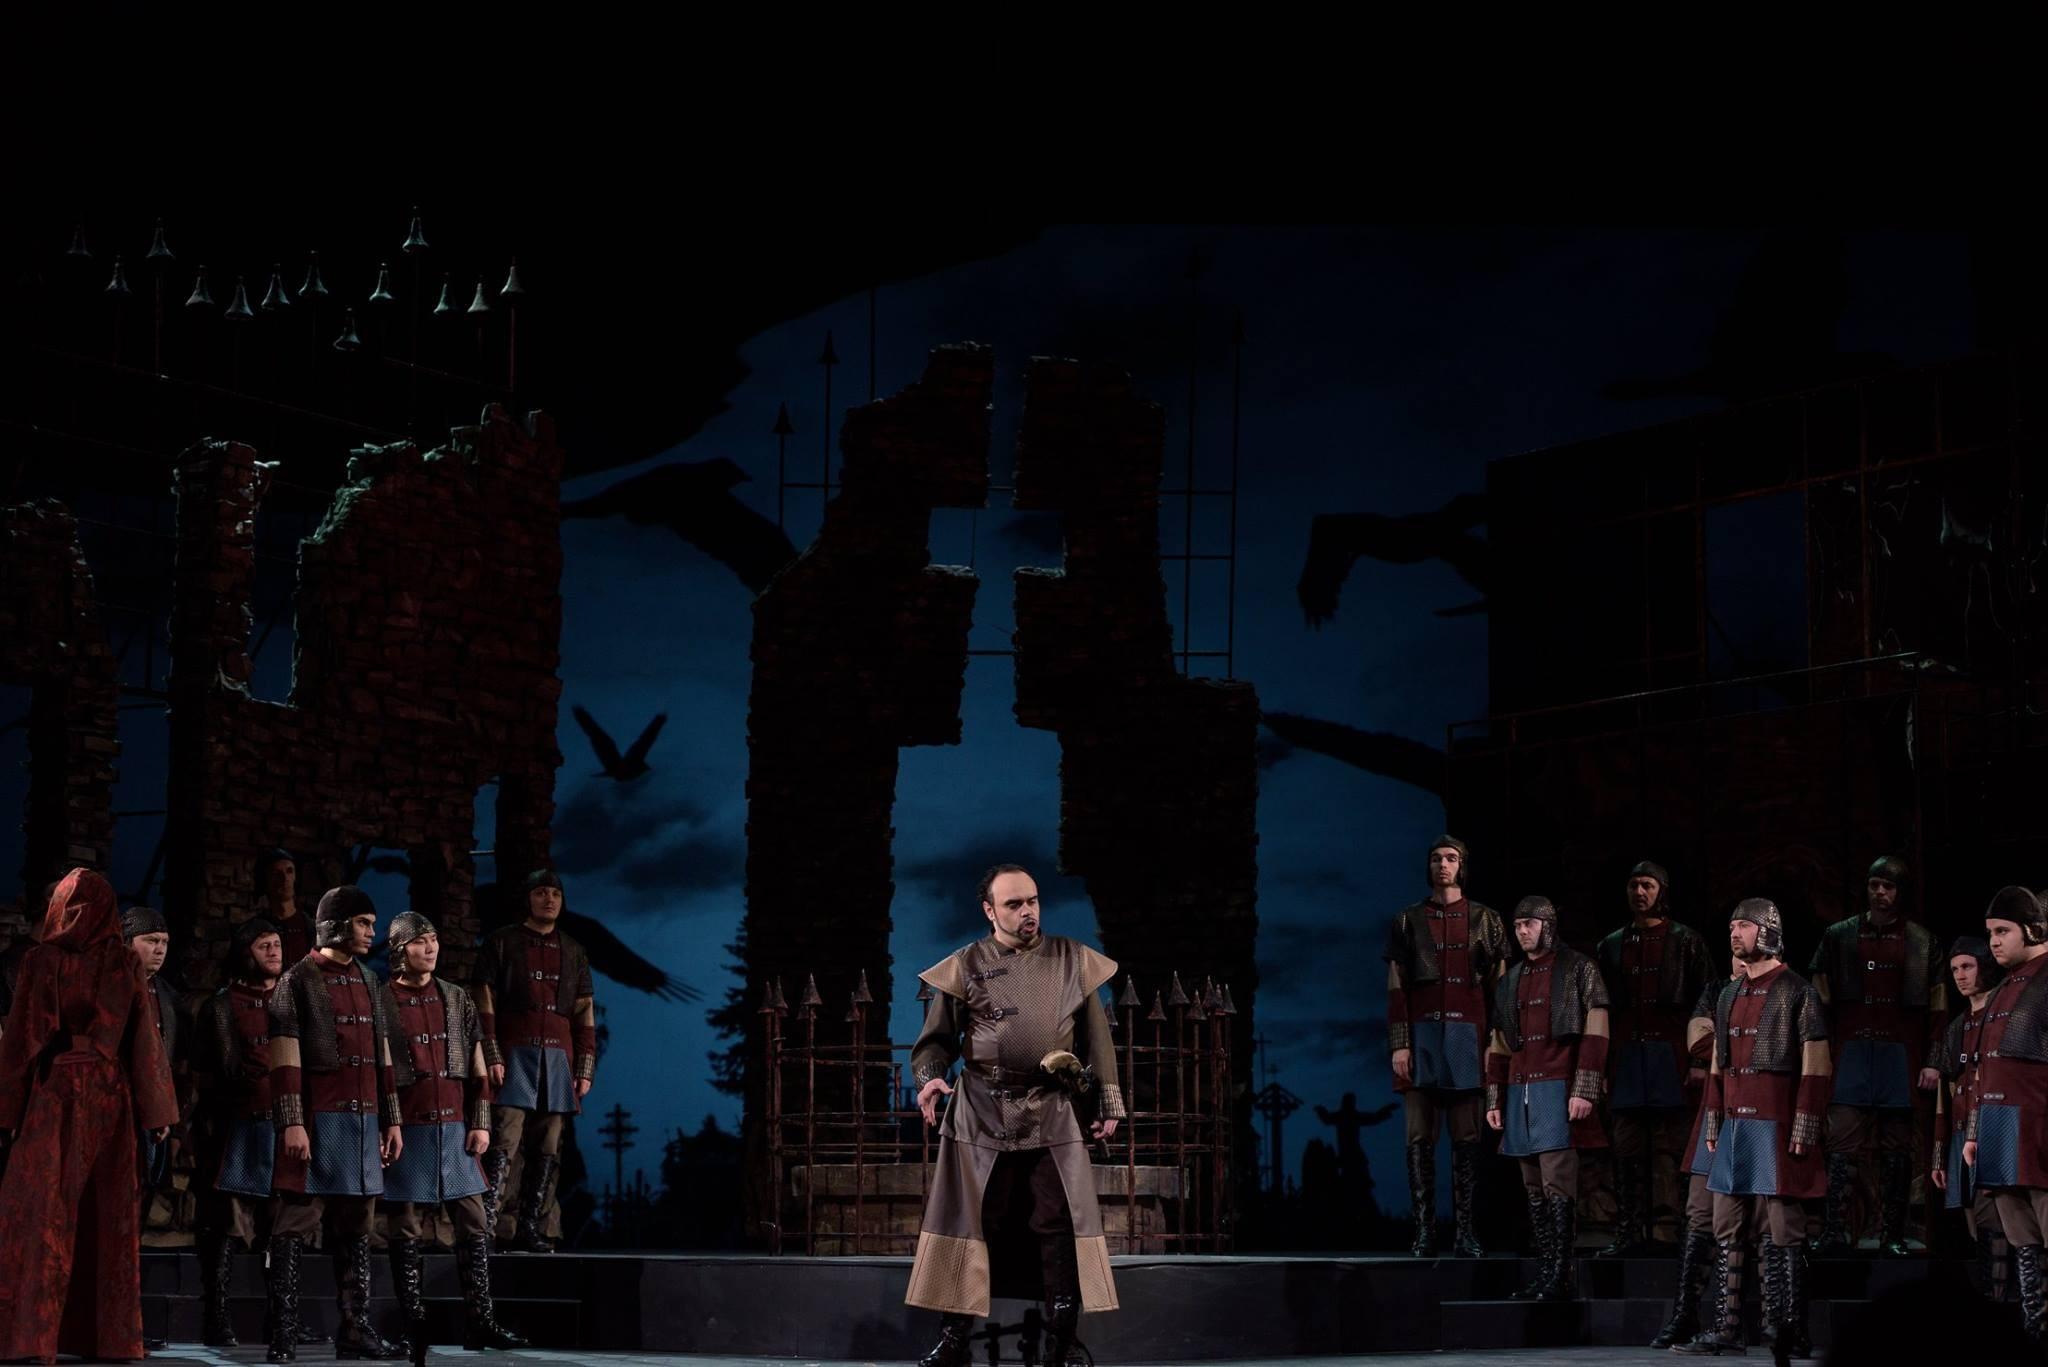 Премьера! 2 декабря на сцене Большого зала  опера «Трубадур» Дж. Верди